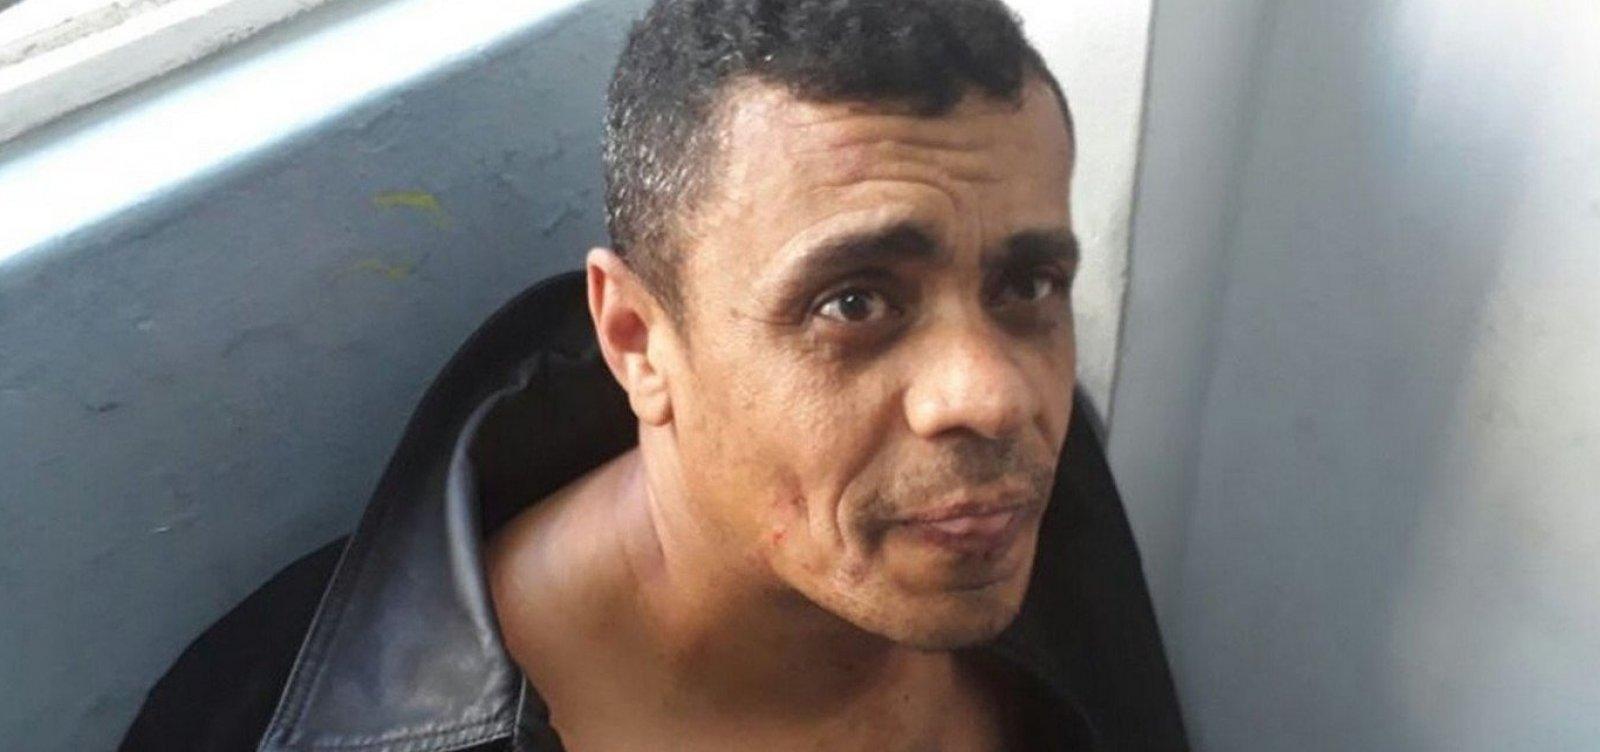 [Agressor de Bolsonaro pode ser condenado com pena menor devido a transtornos mentais]